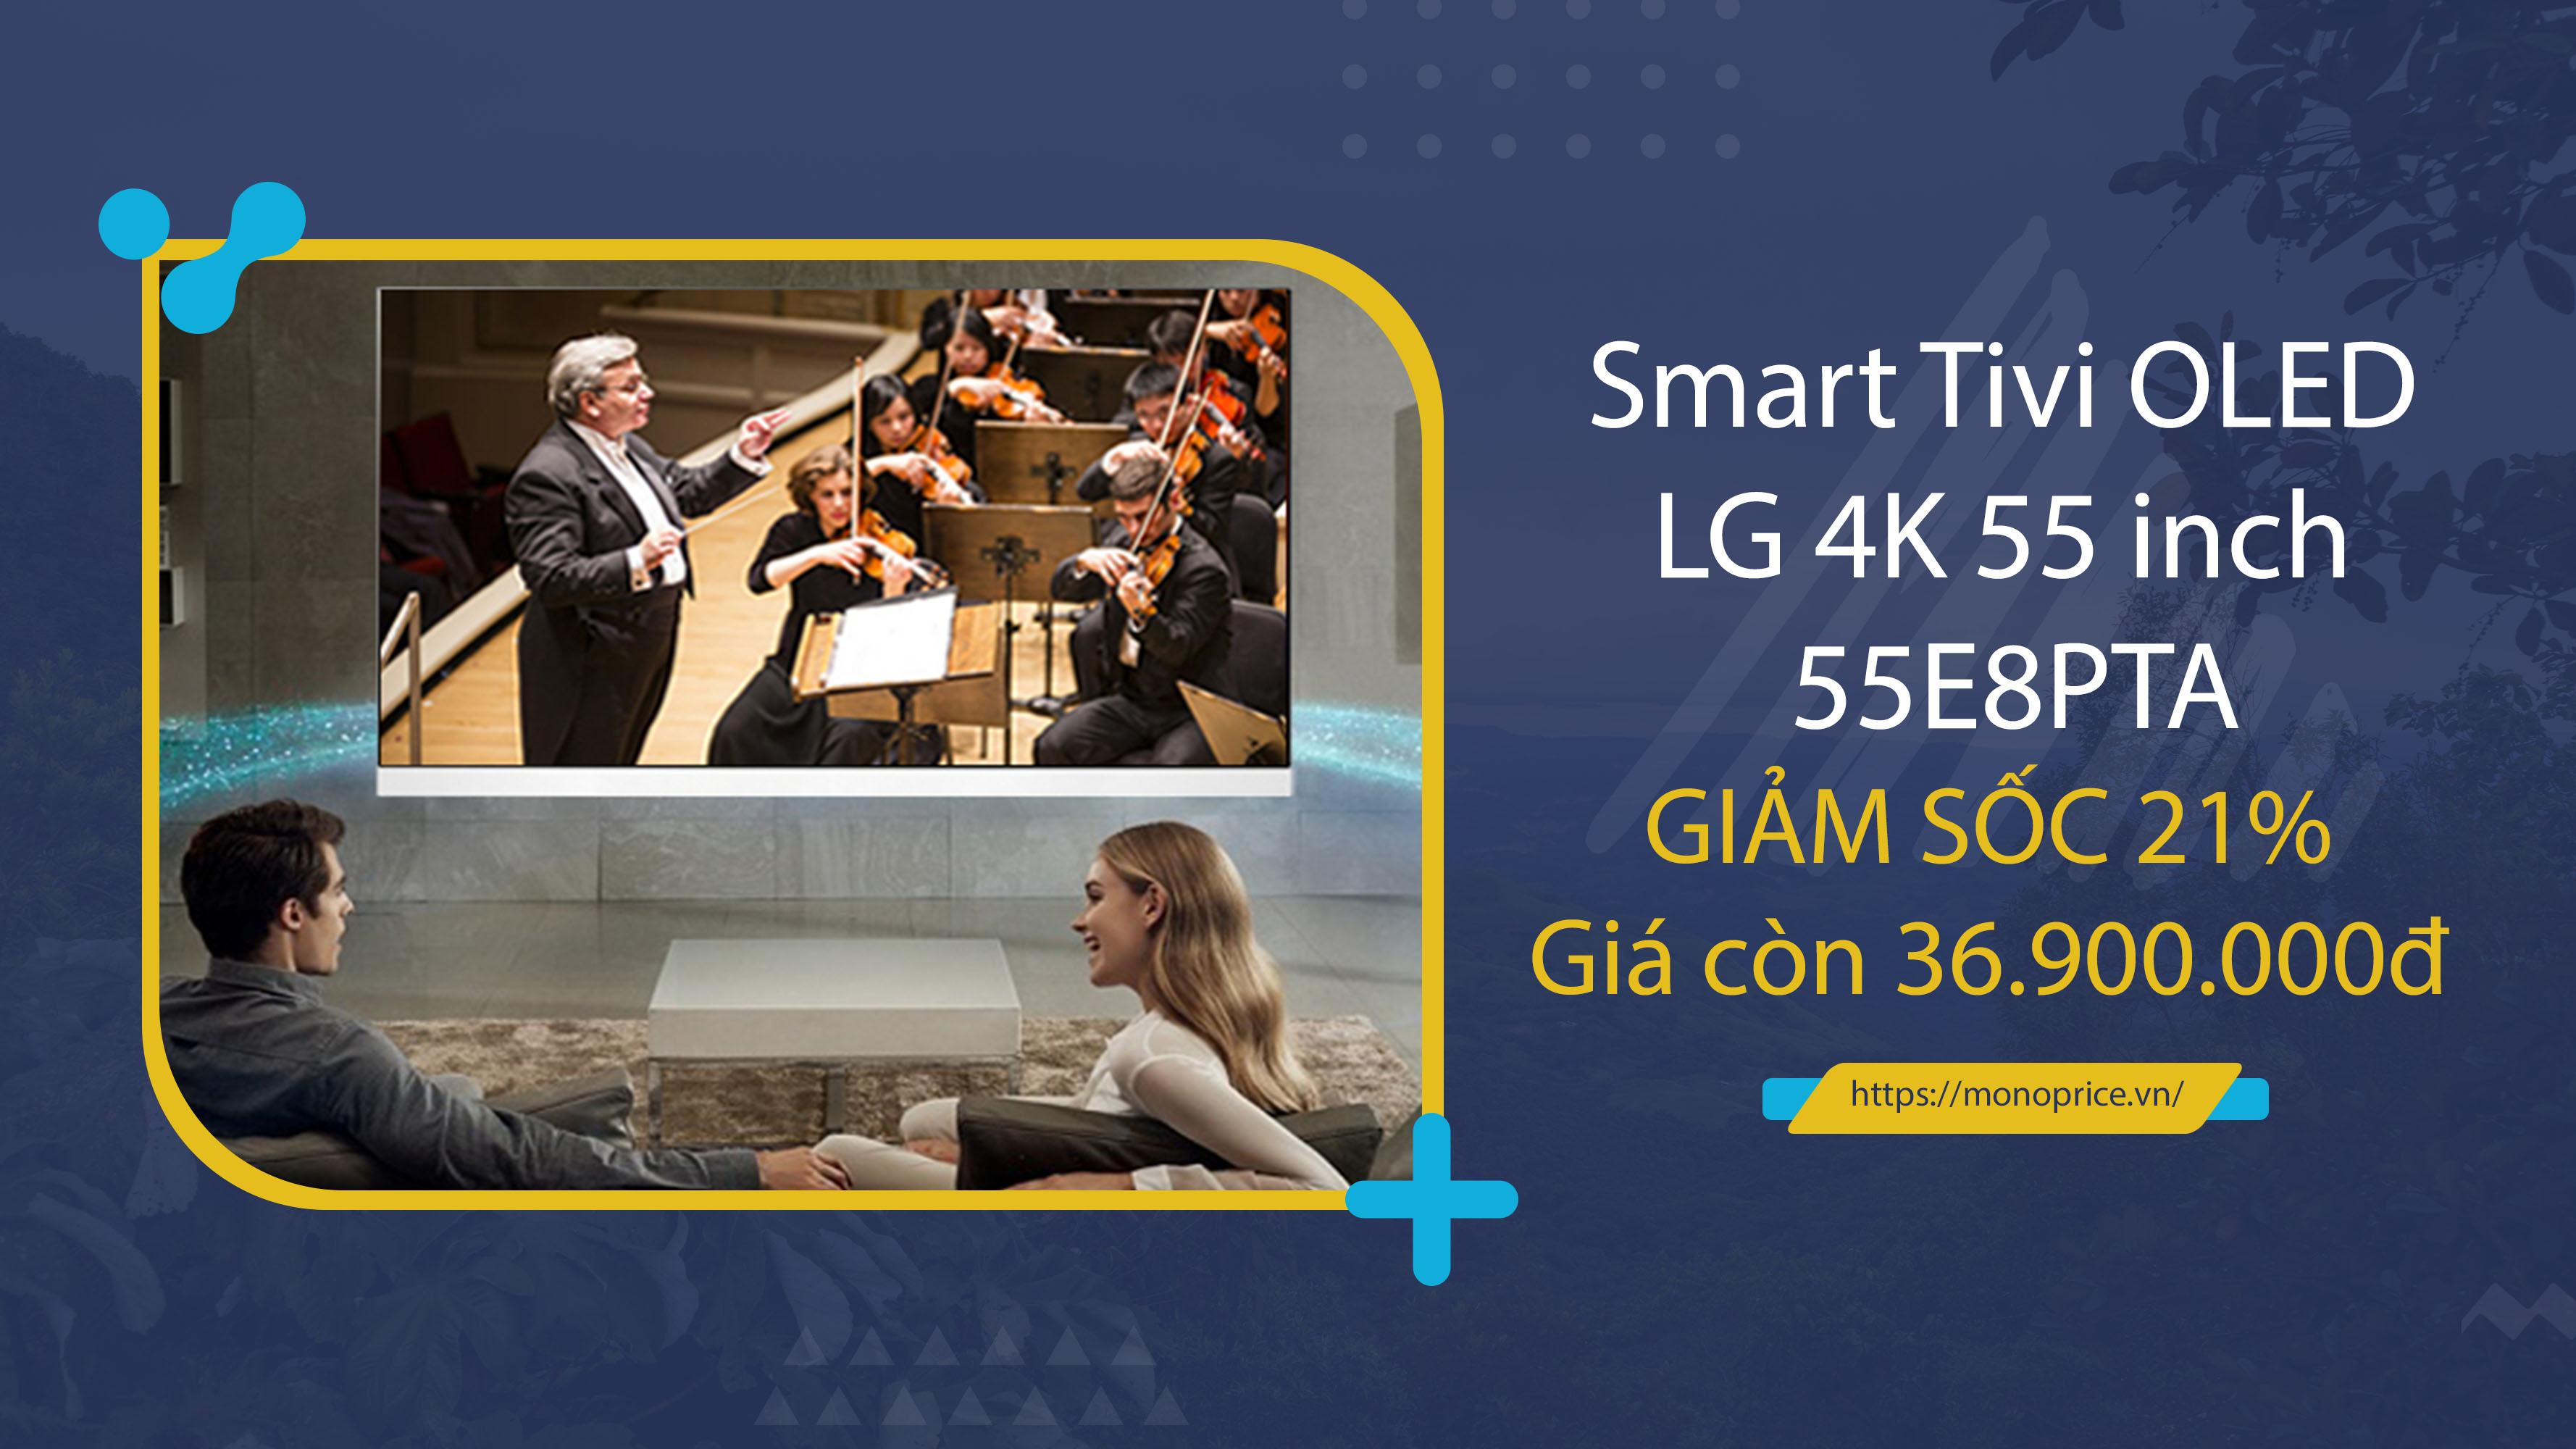 Siêu khuyến mãi Smart Tivi OLED LG 55E8PTA